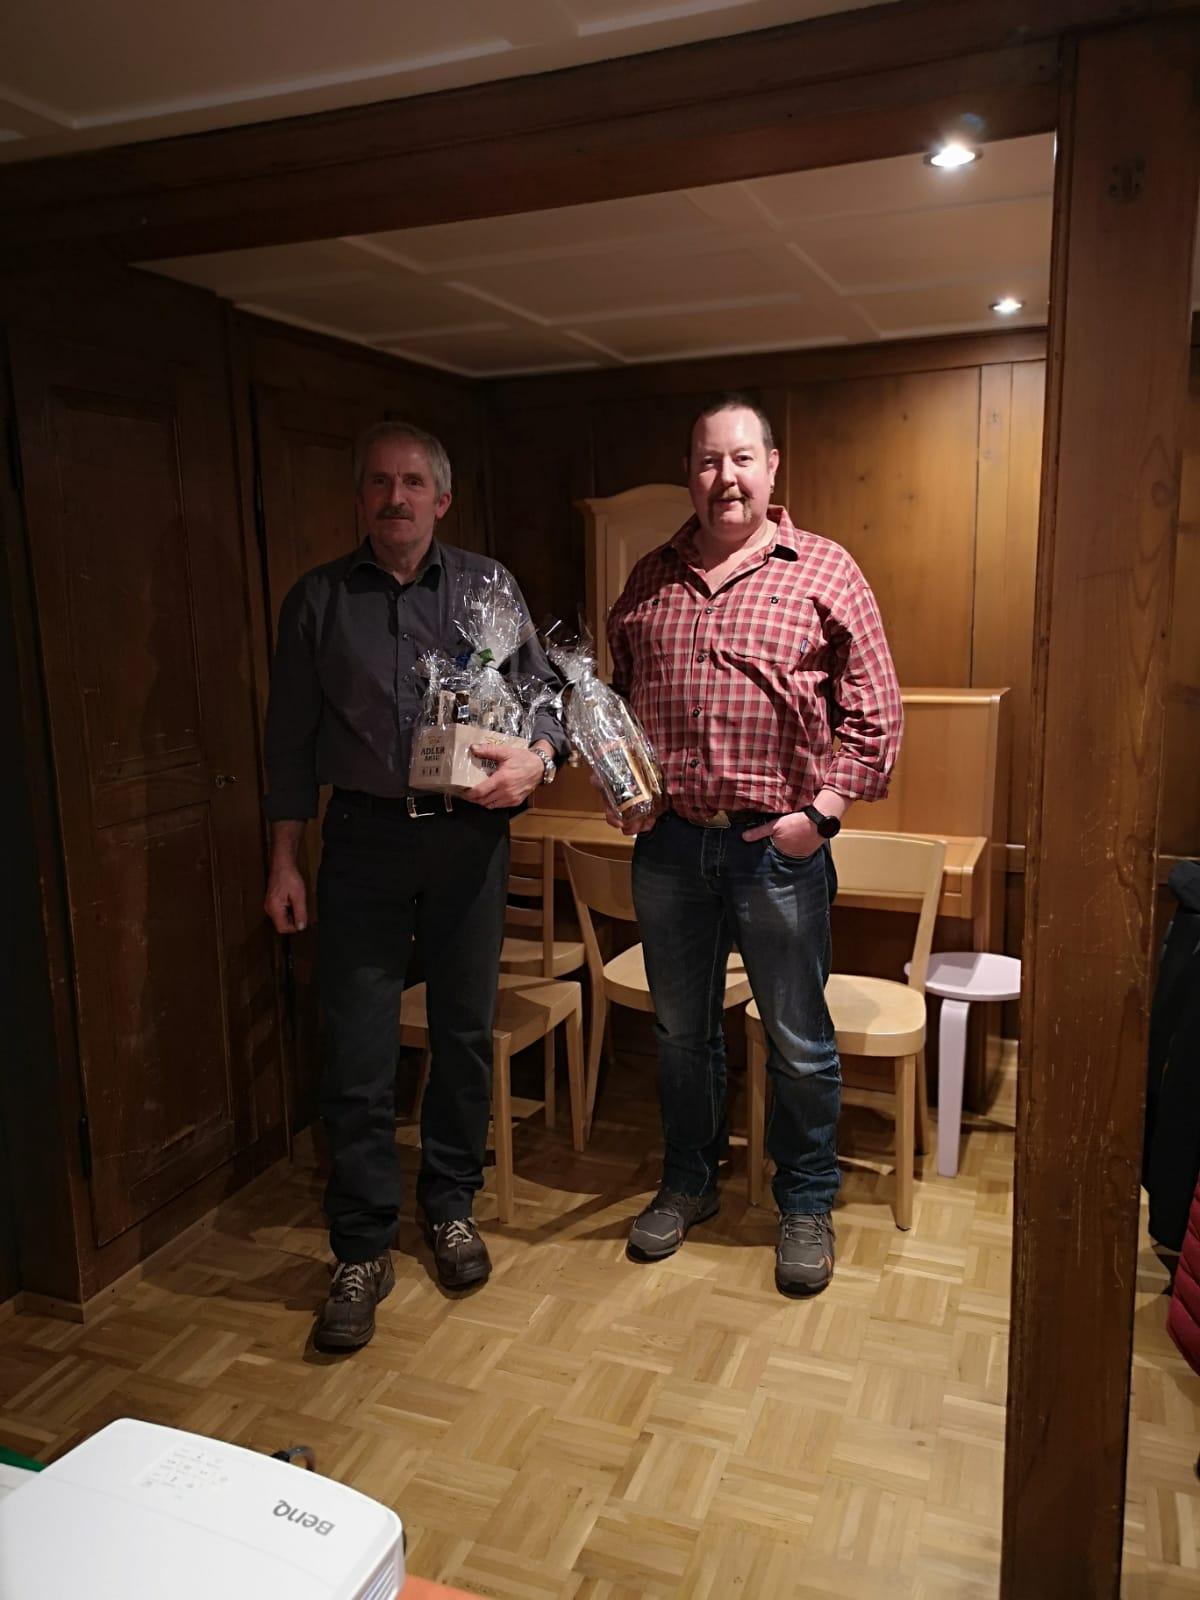 Balz wird für 40 Jahre Aktivmitgliedschaft und Reto für 30 Jahre Aktivmitgliedschaft geehrt